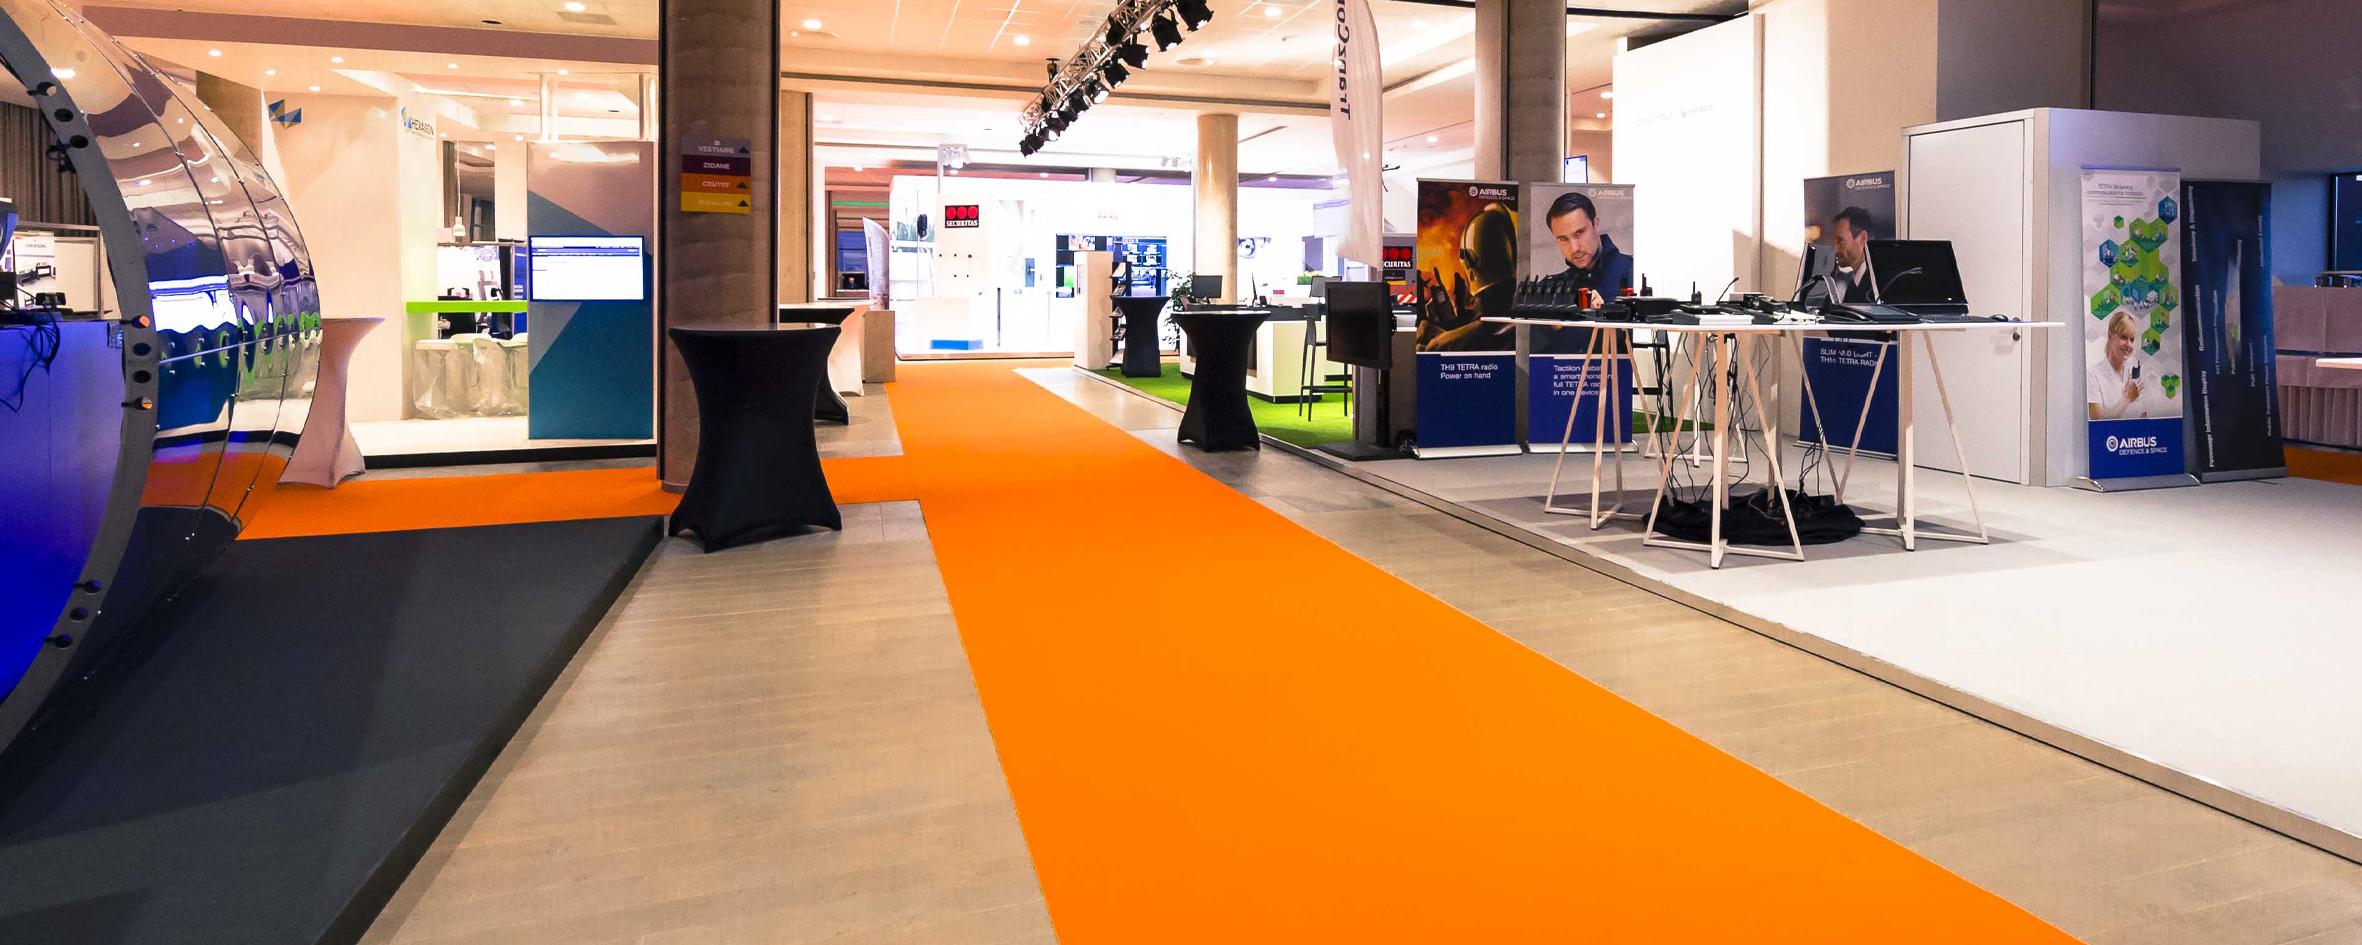 sommer-event-carpet-expoline-9347-mandarine-ambiance-2